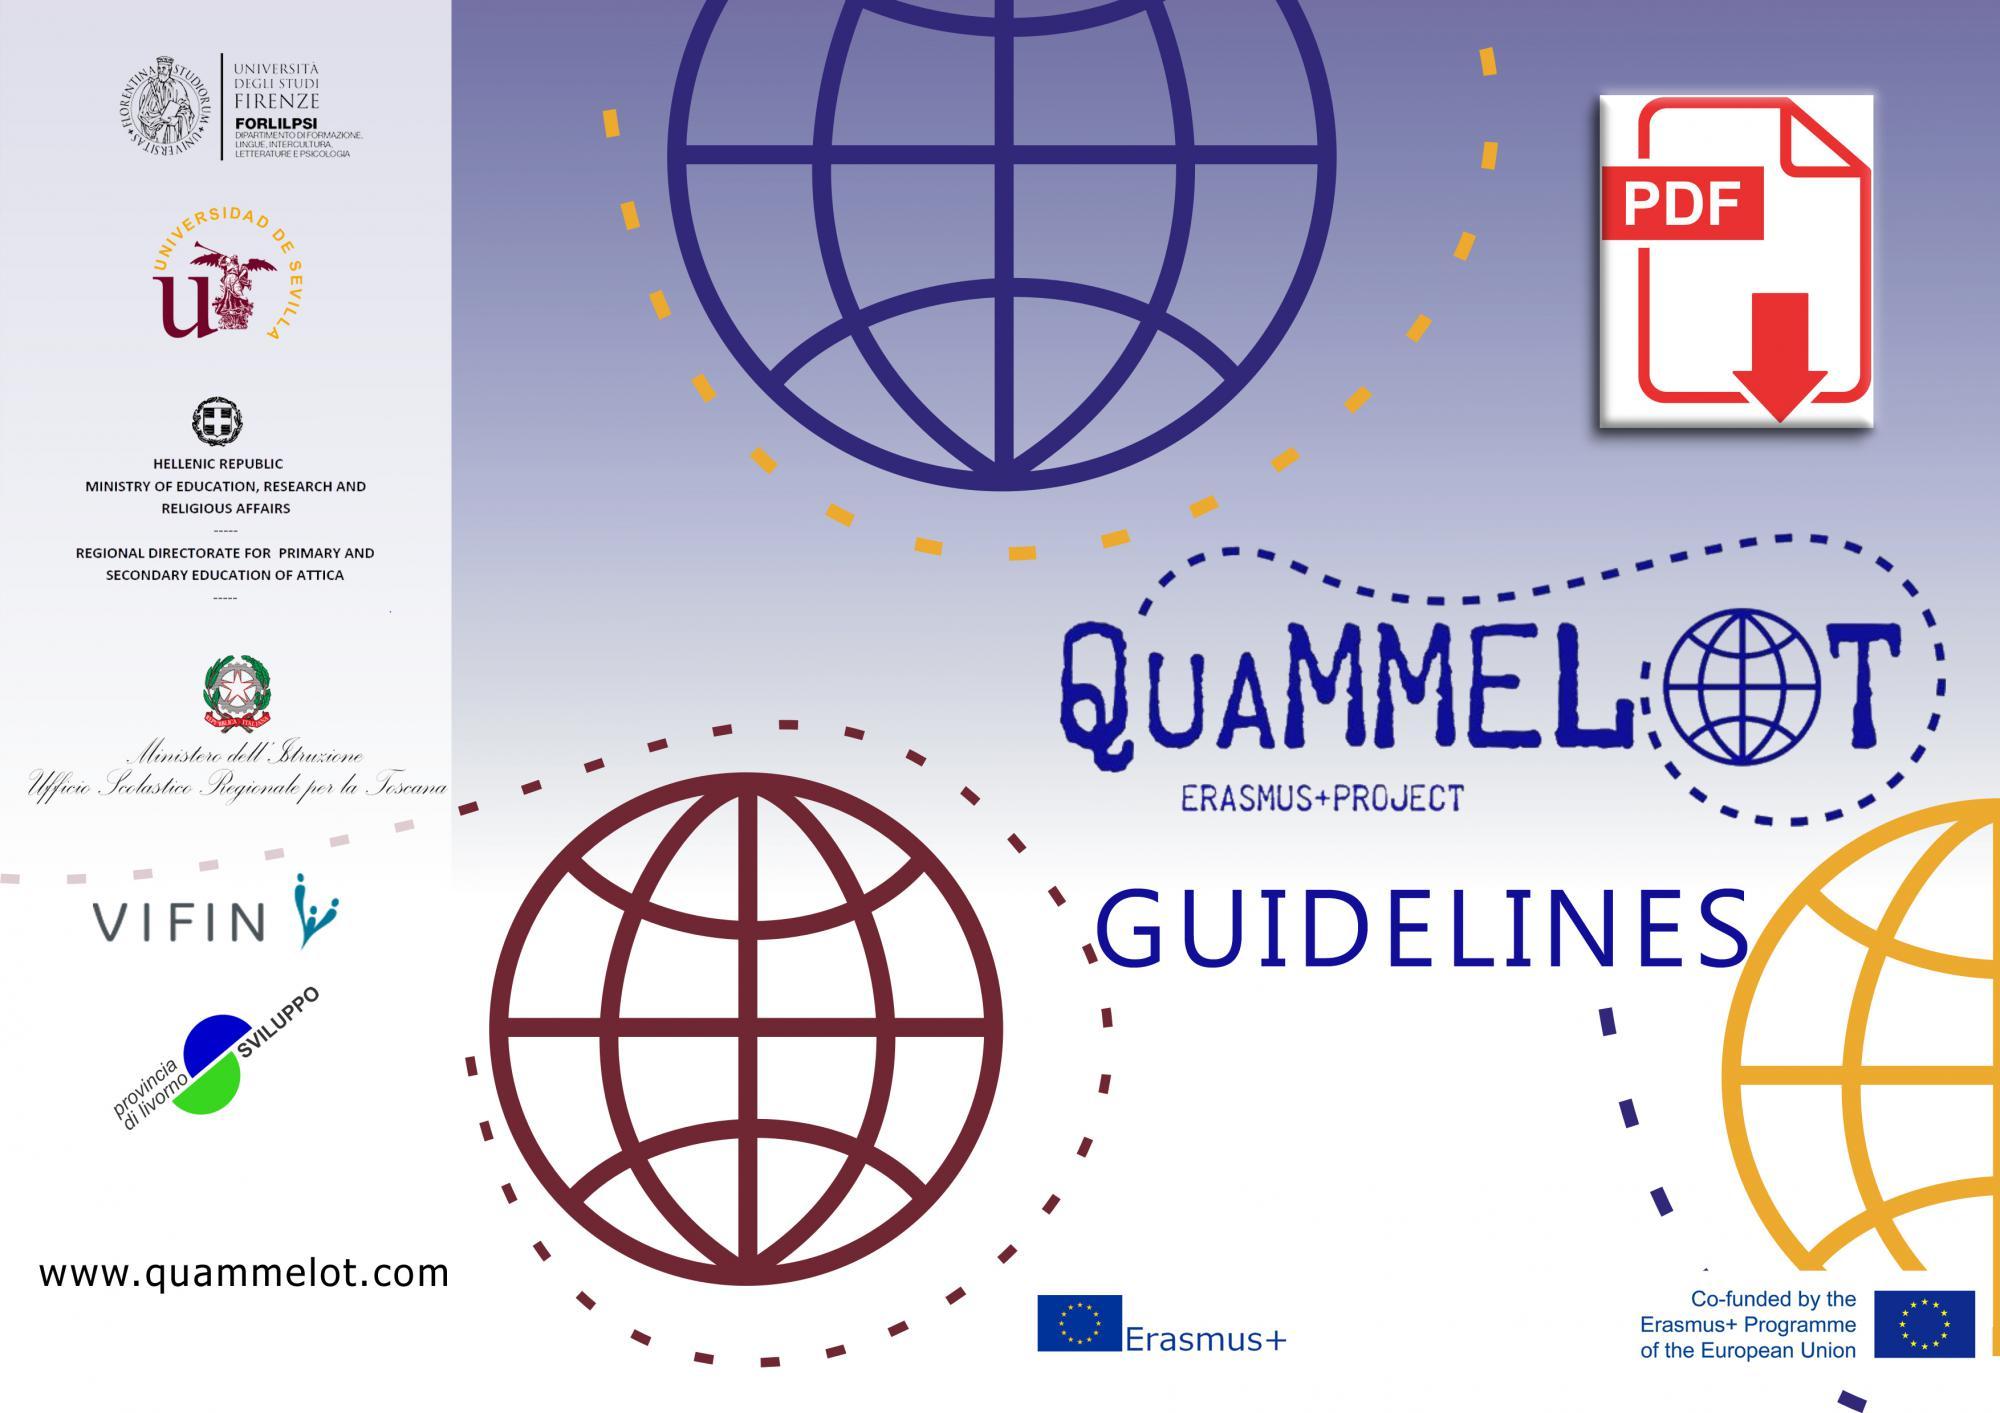 Quammelot guidelines